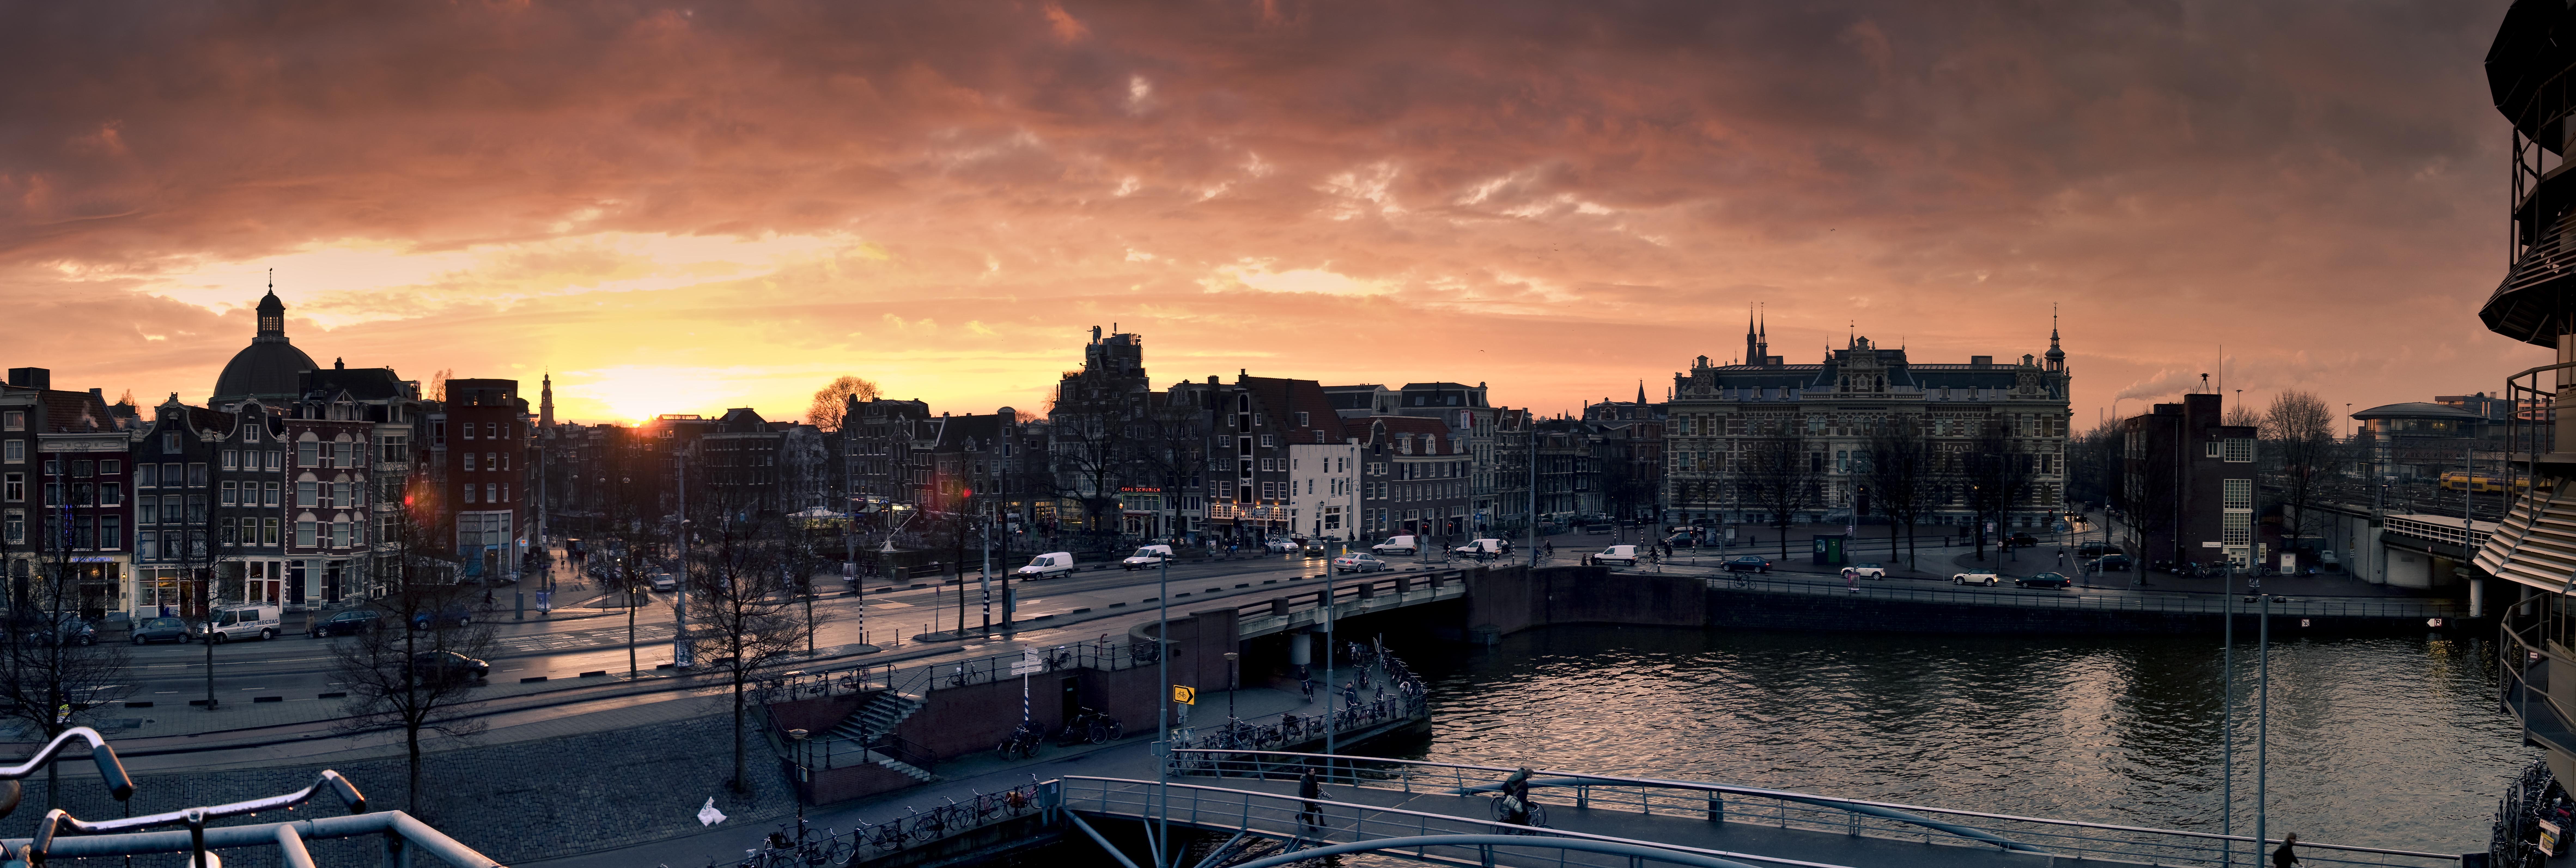 Амстердам по-королевски